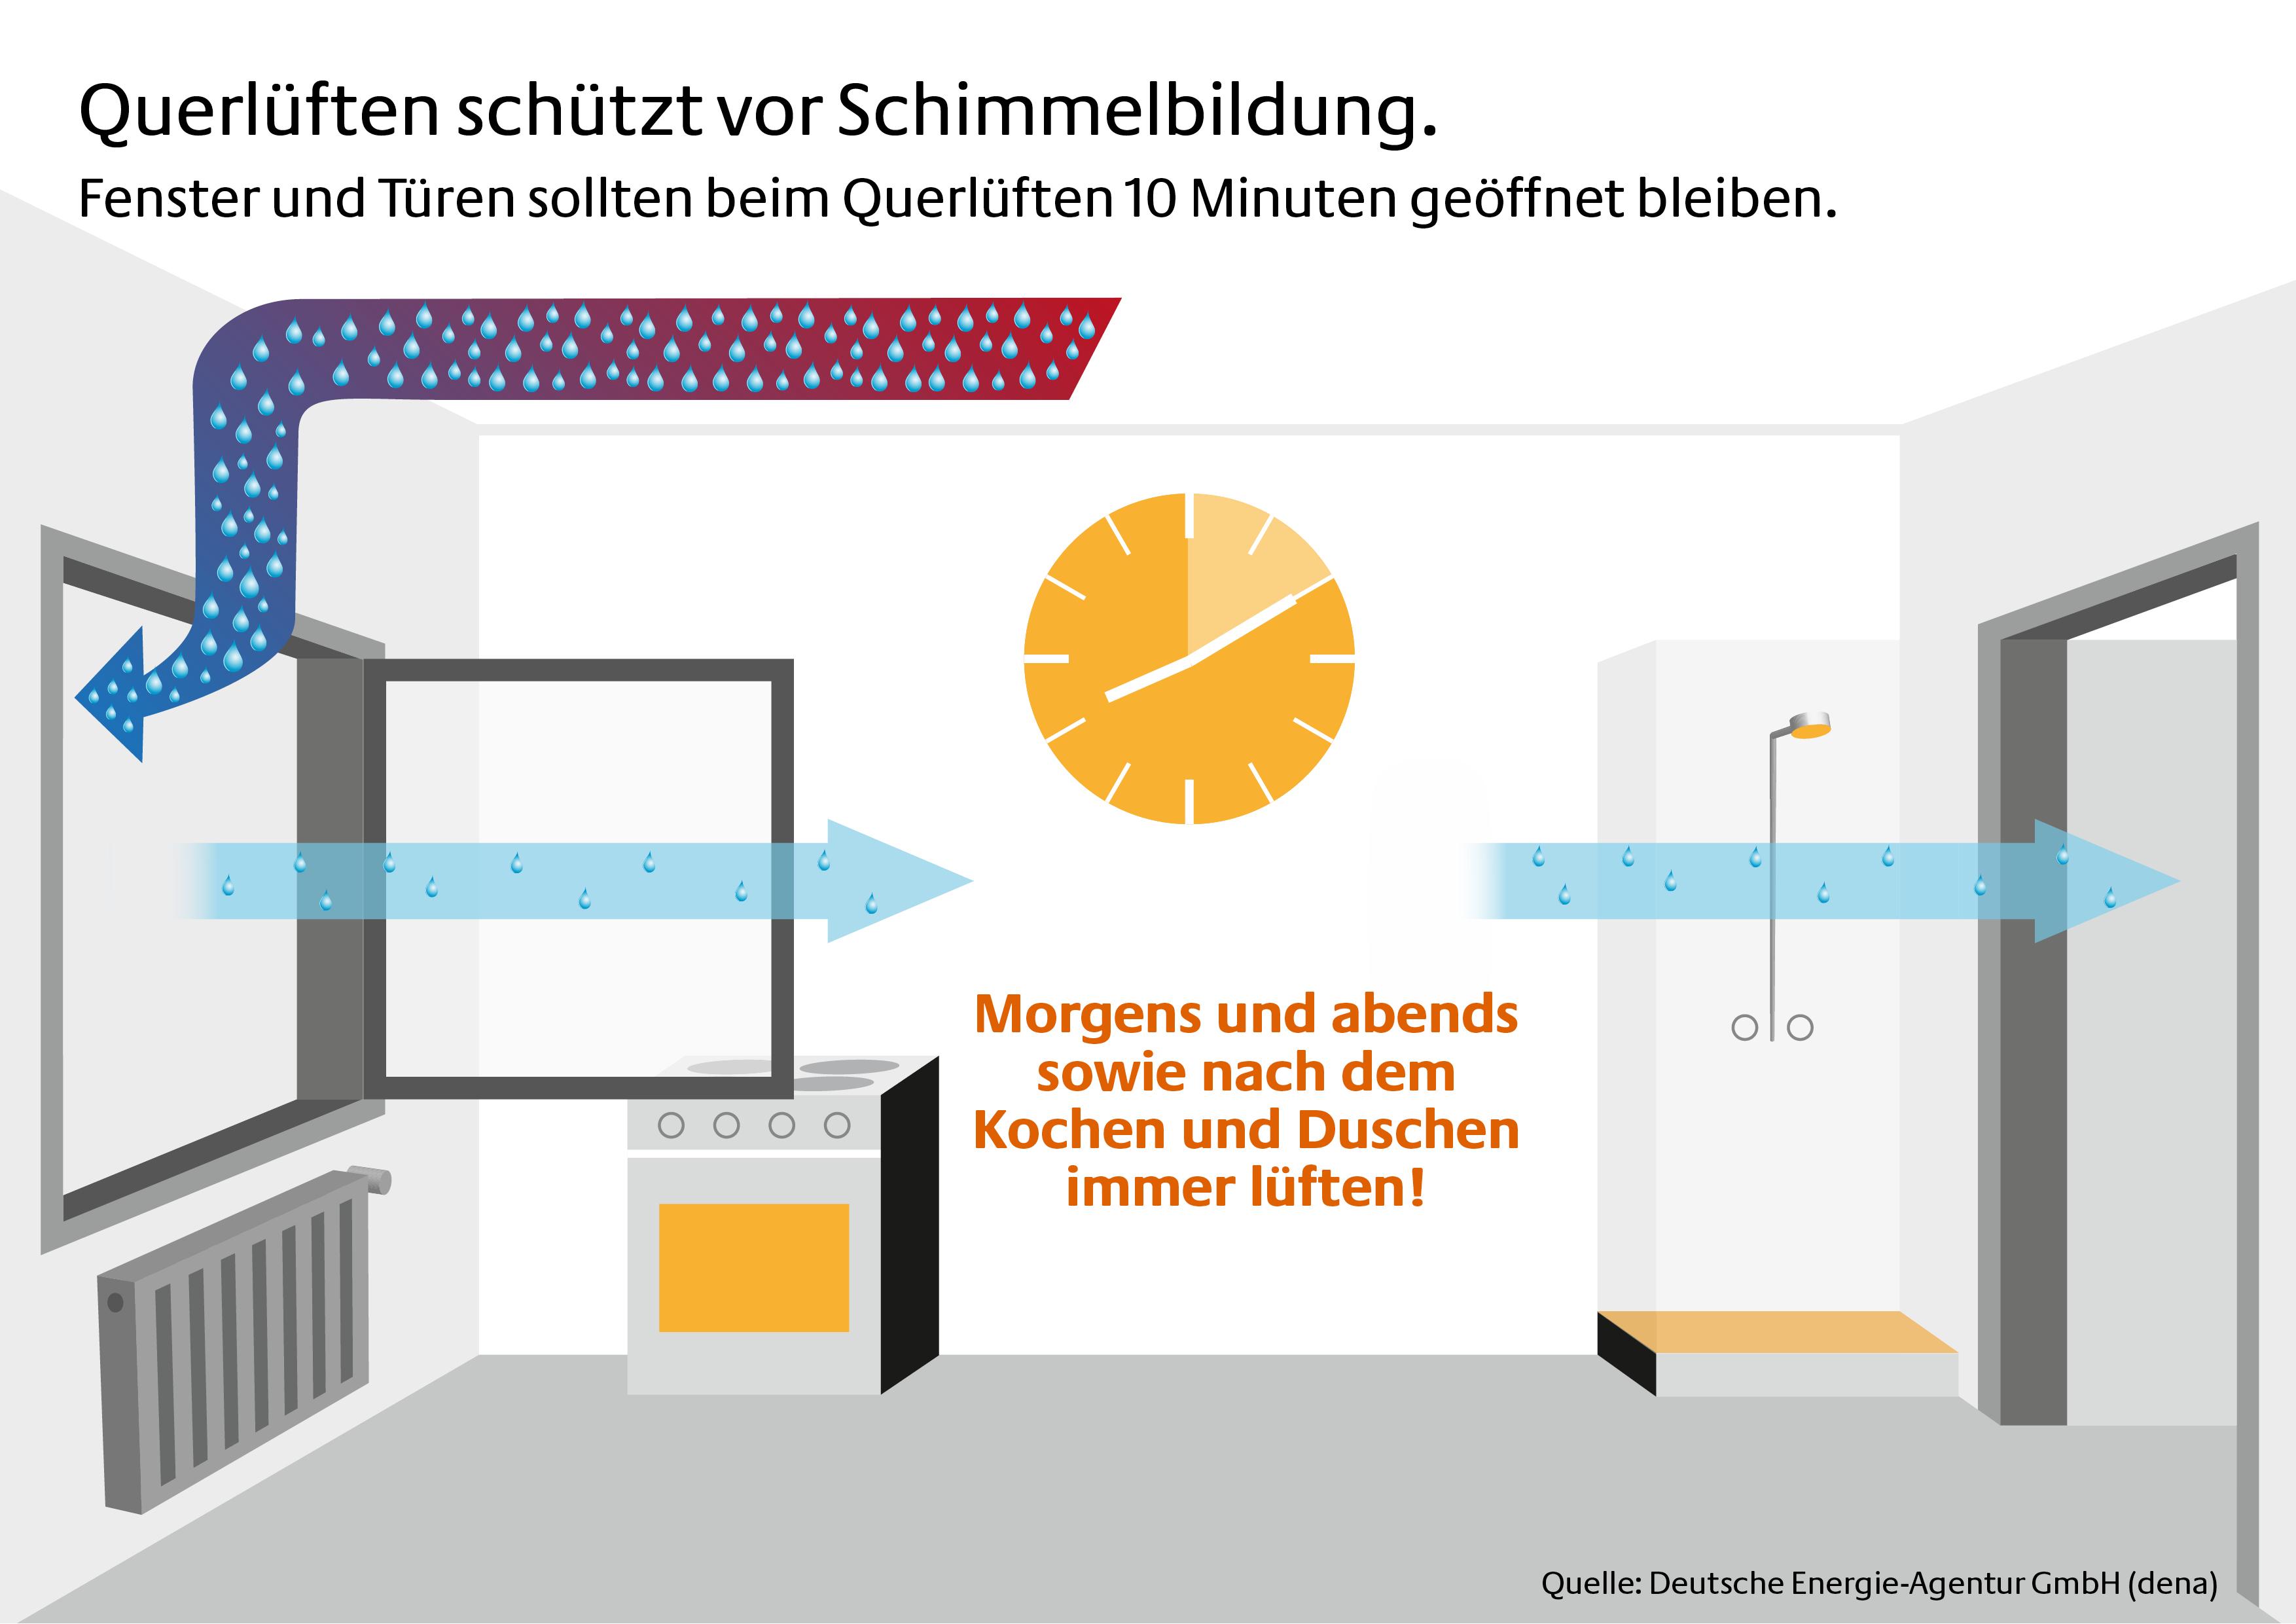 schimmelfrei durch den winter dena gibt tipps zum richtigen l ften in der kalten jahreszeit. Black Bedroom Furniture Sets. Home Design Ideas